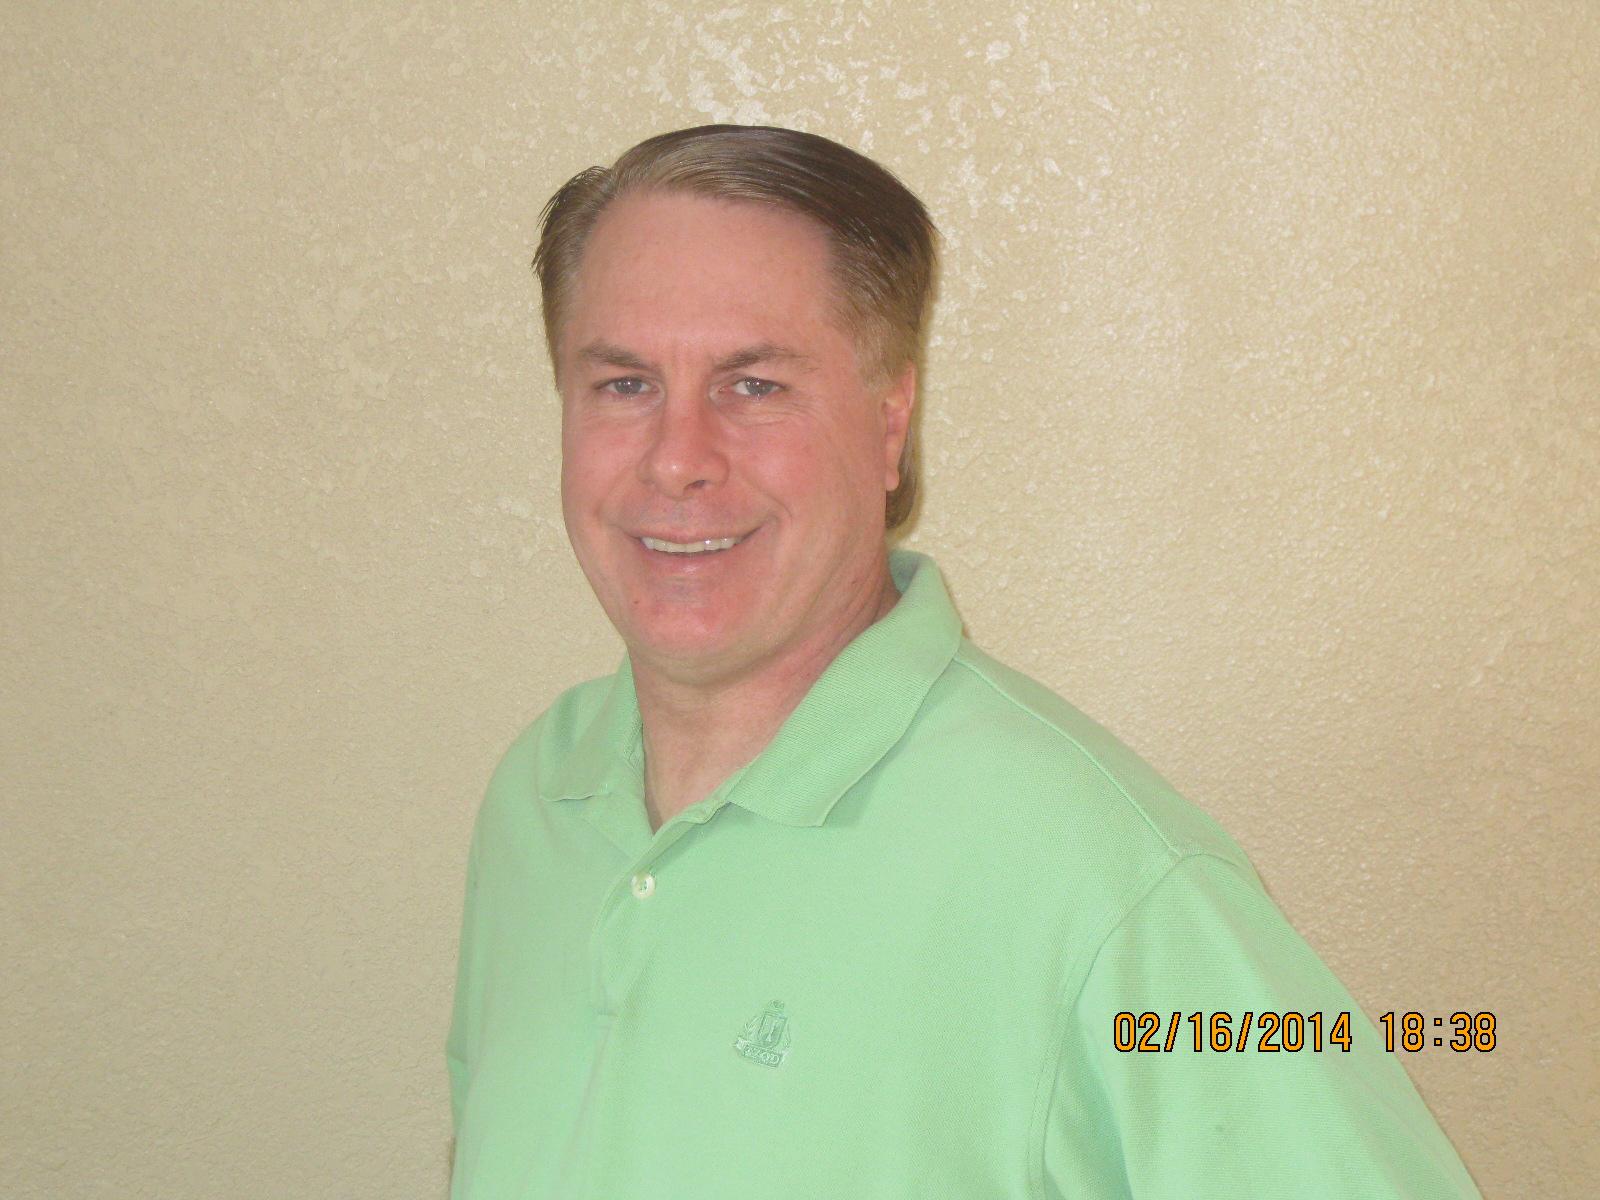 Kevin Schwoch